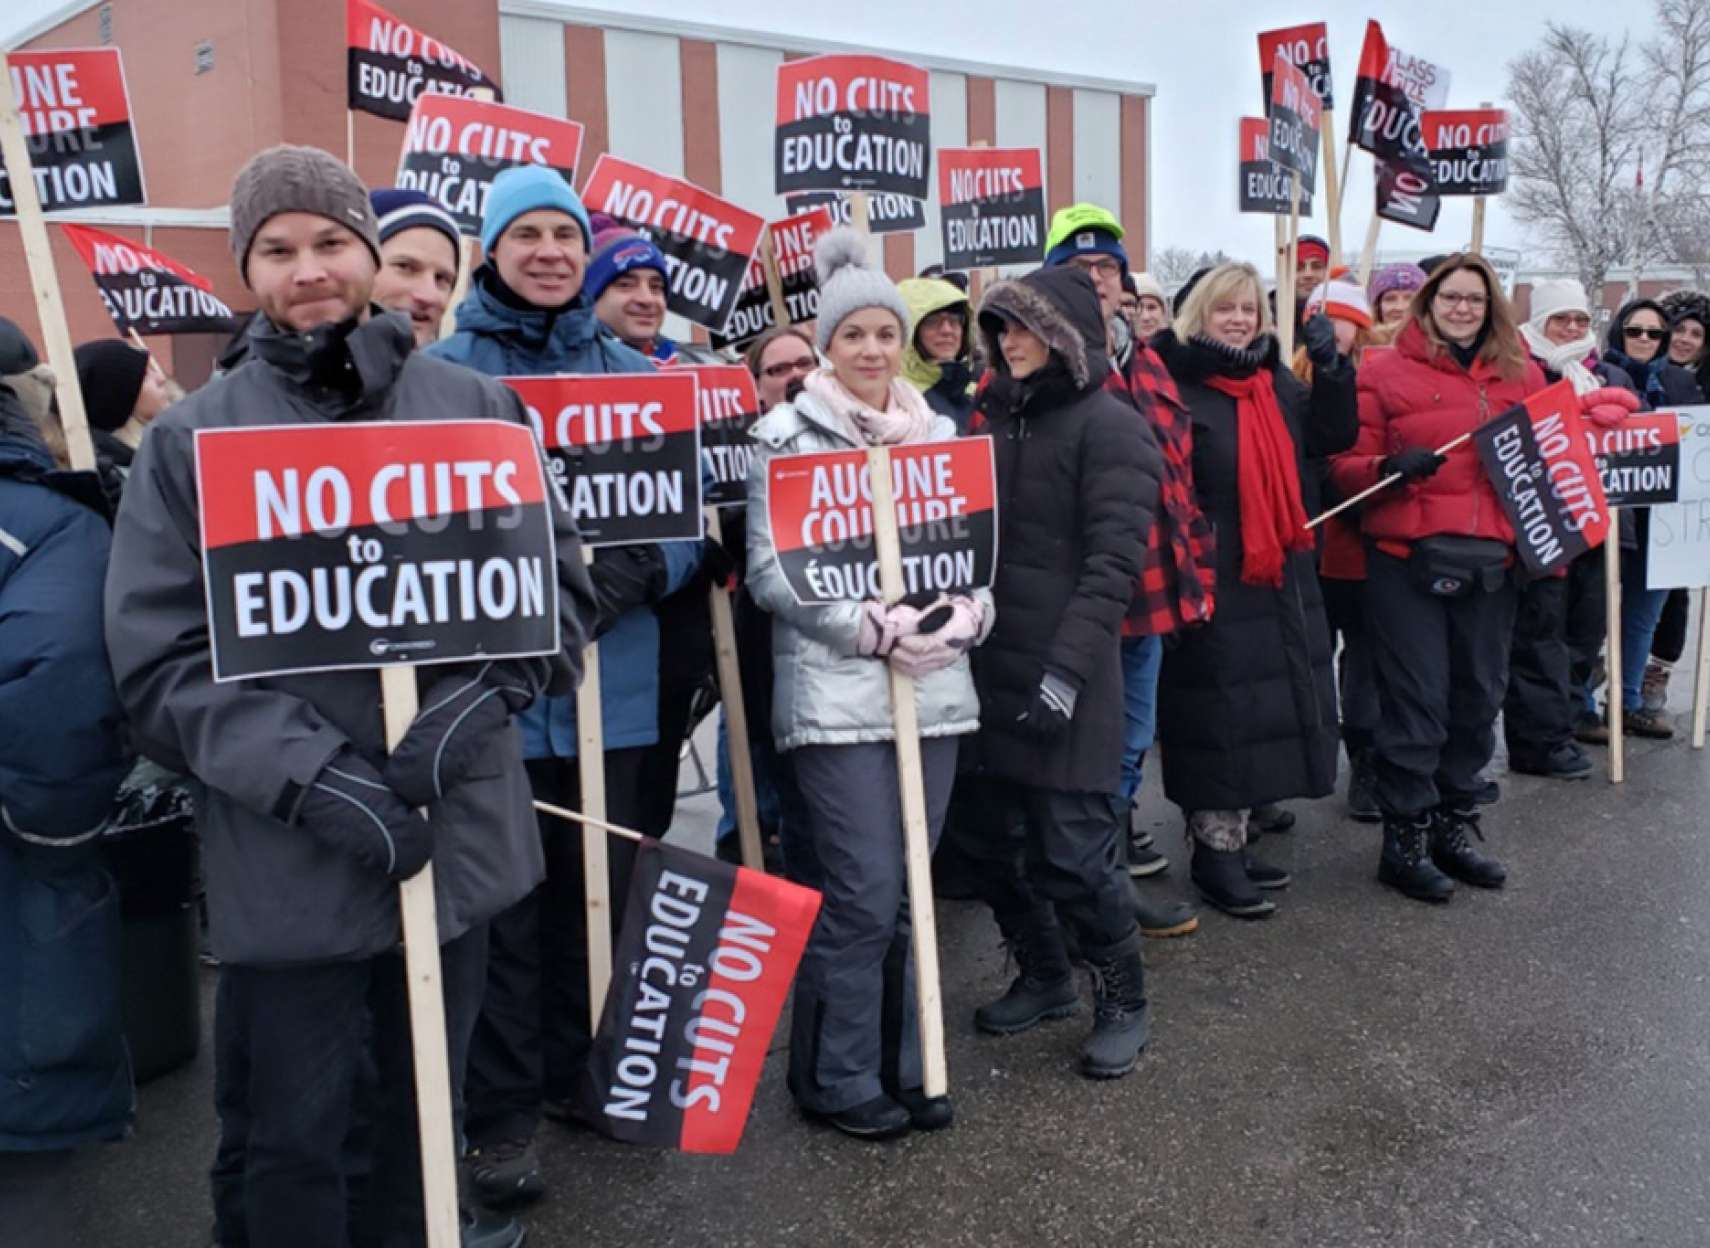 اخبار-تورنتو-نخست-وزیر-انتاریو-اعتصابات-معلمان-صبرمان-را-لبریز-کرد